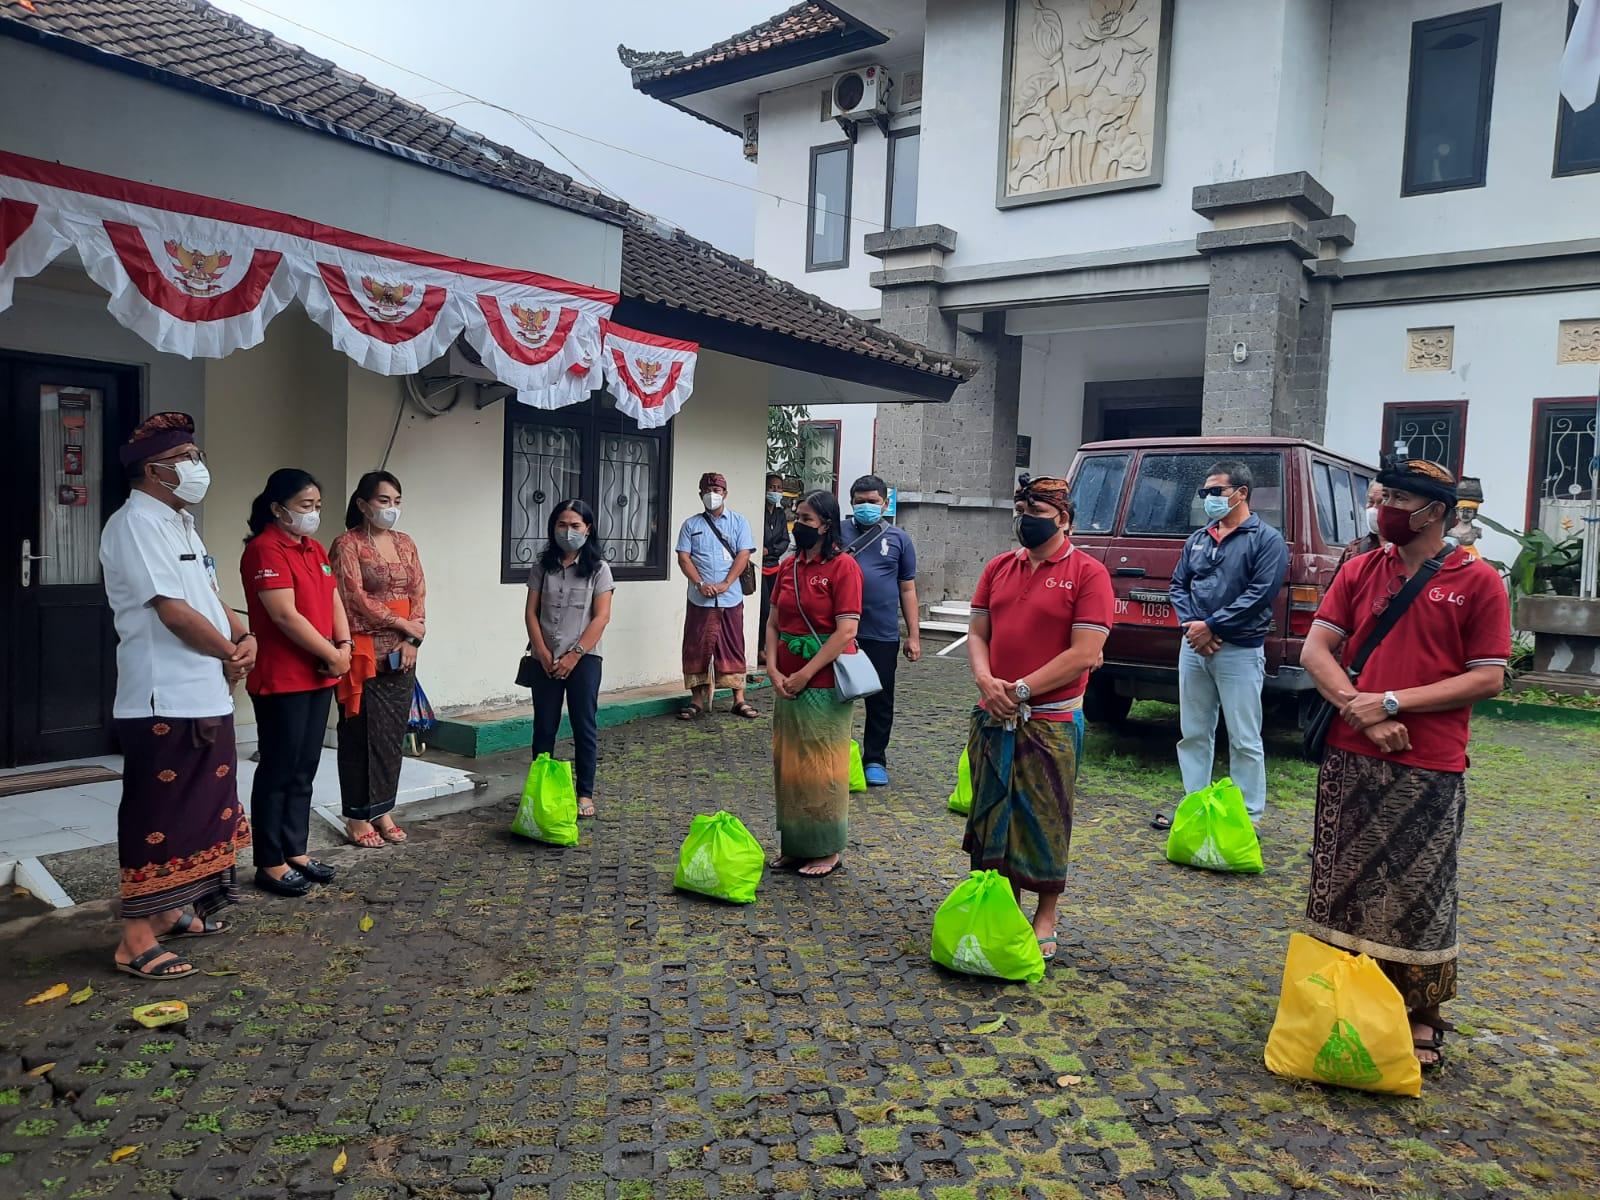 KETUA K3S Kota Denpasar, Sagung Antari Jaya Negara, menyerahkan bantuan sembako, Kamis (12/8/2021) di Yayasan Dria Raba Denpasar. Foto: ist